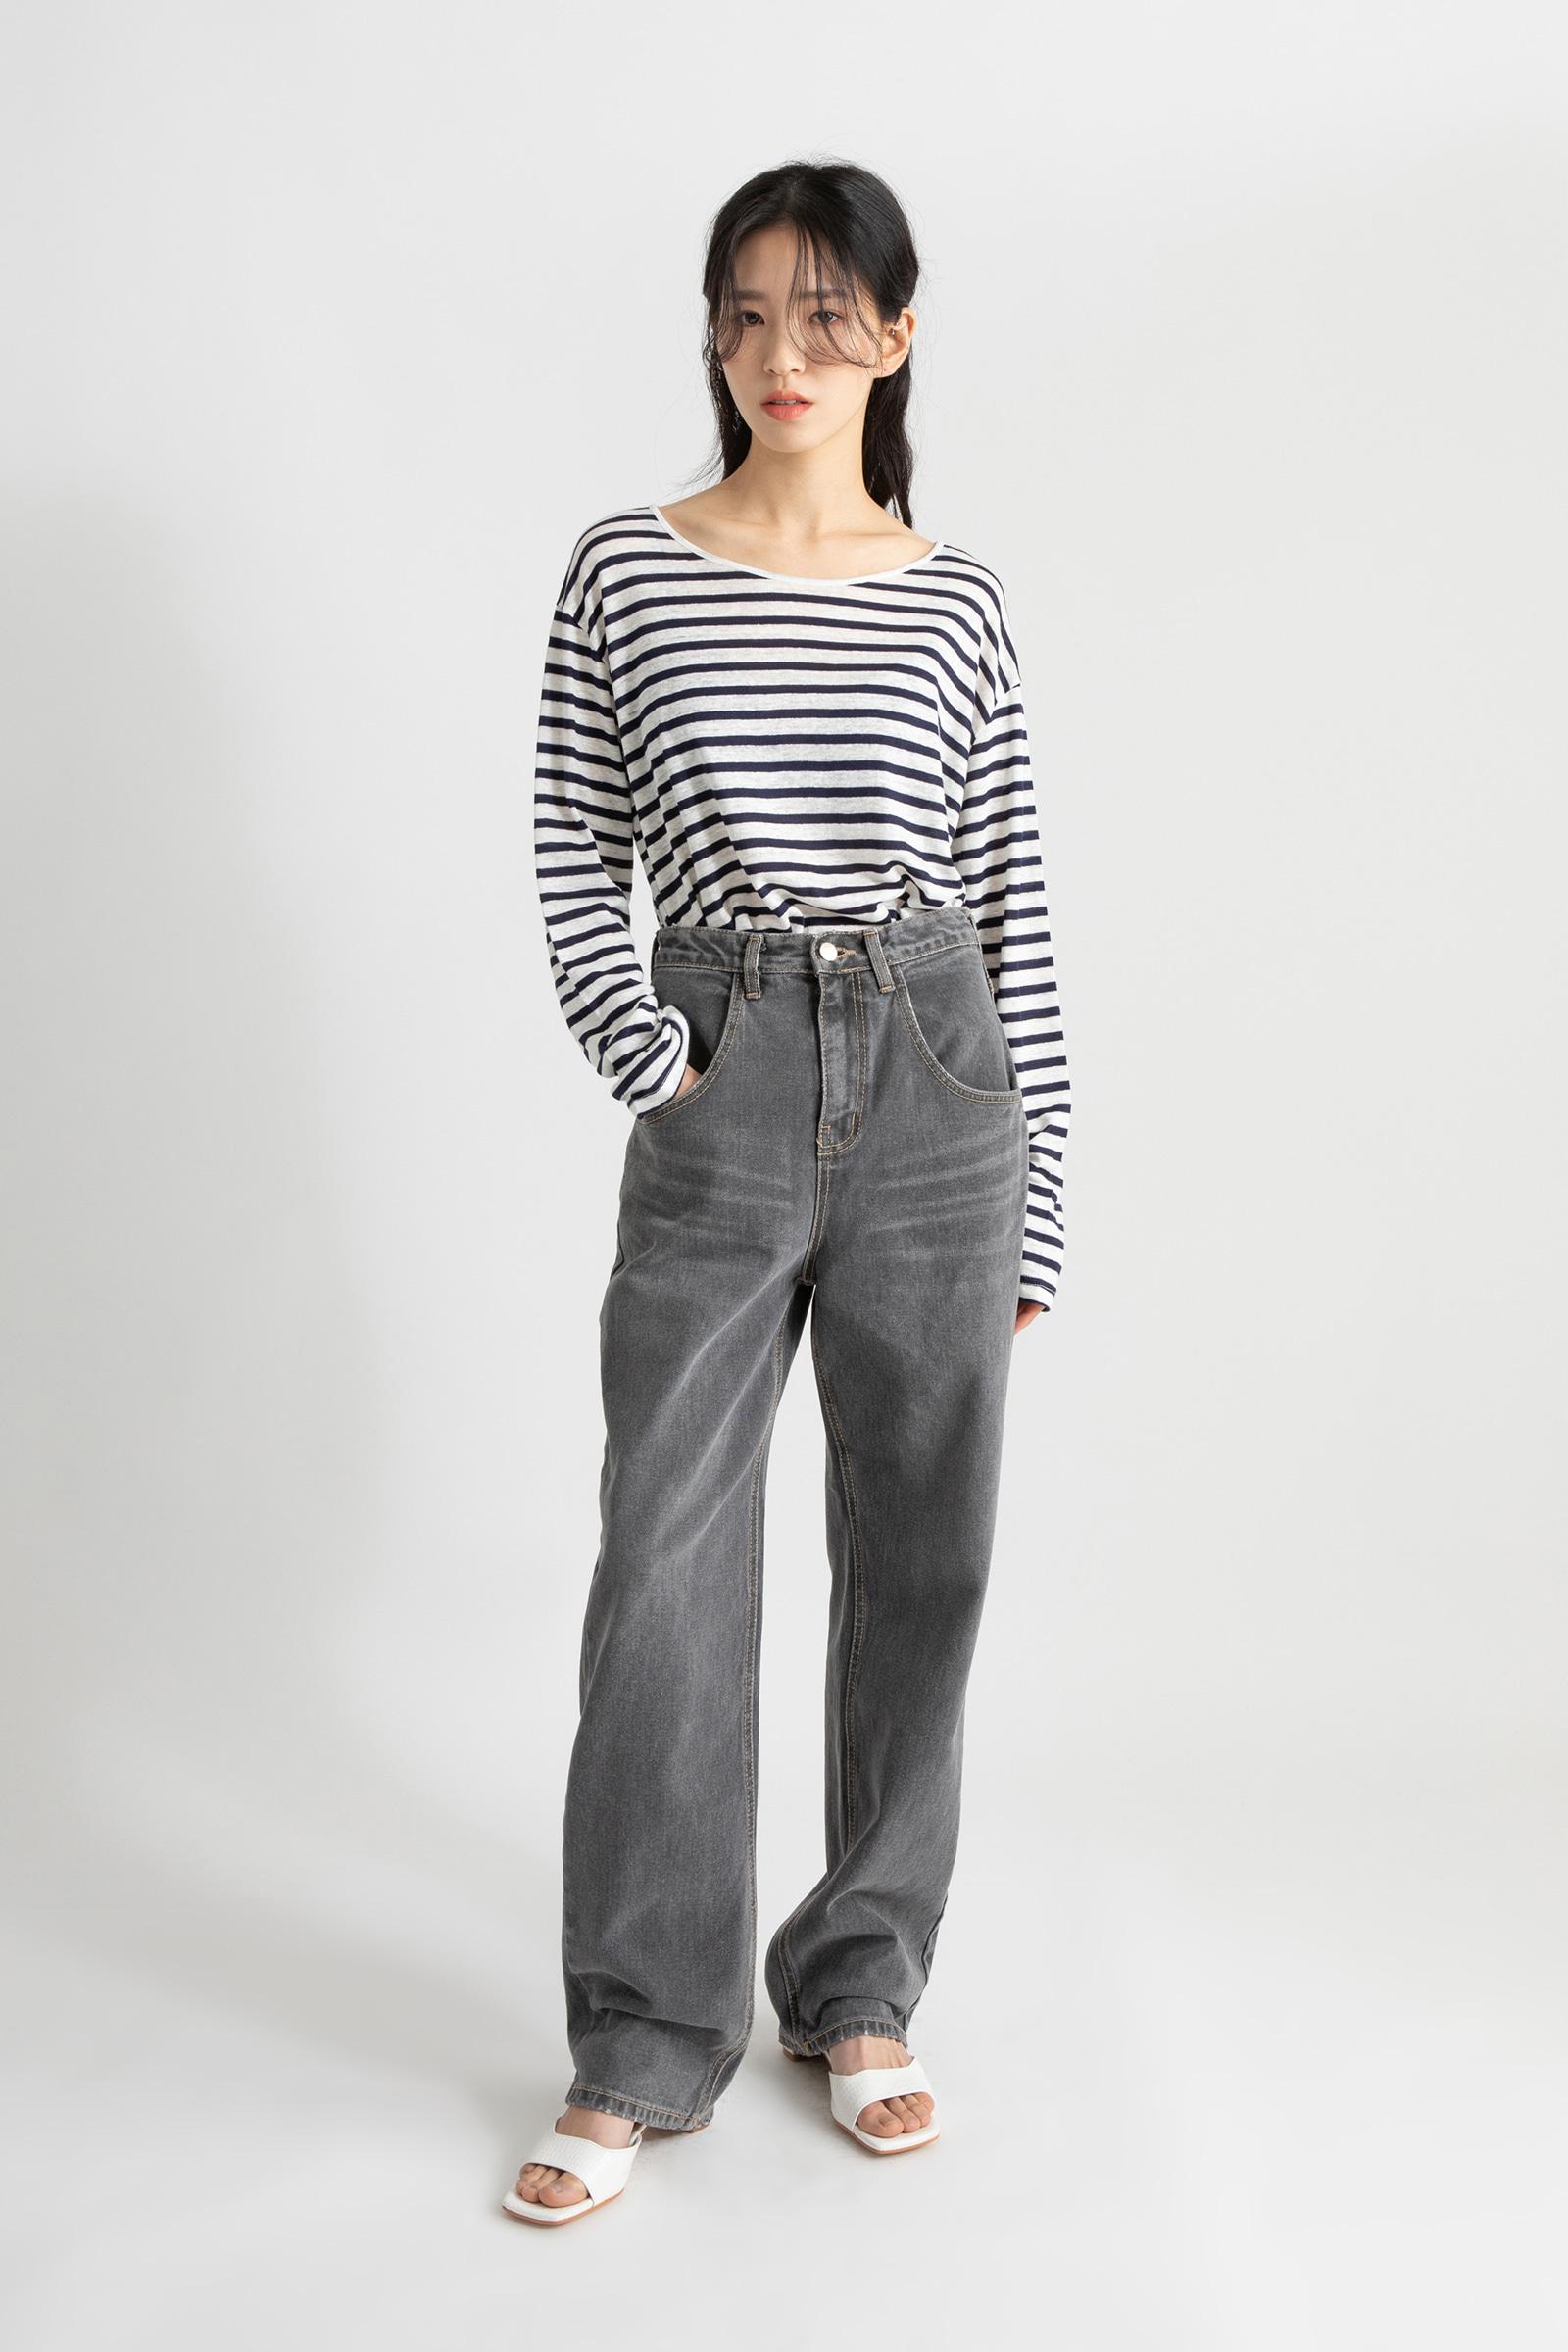 Striped linen round neck T-shirt